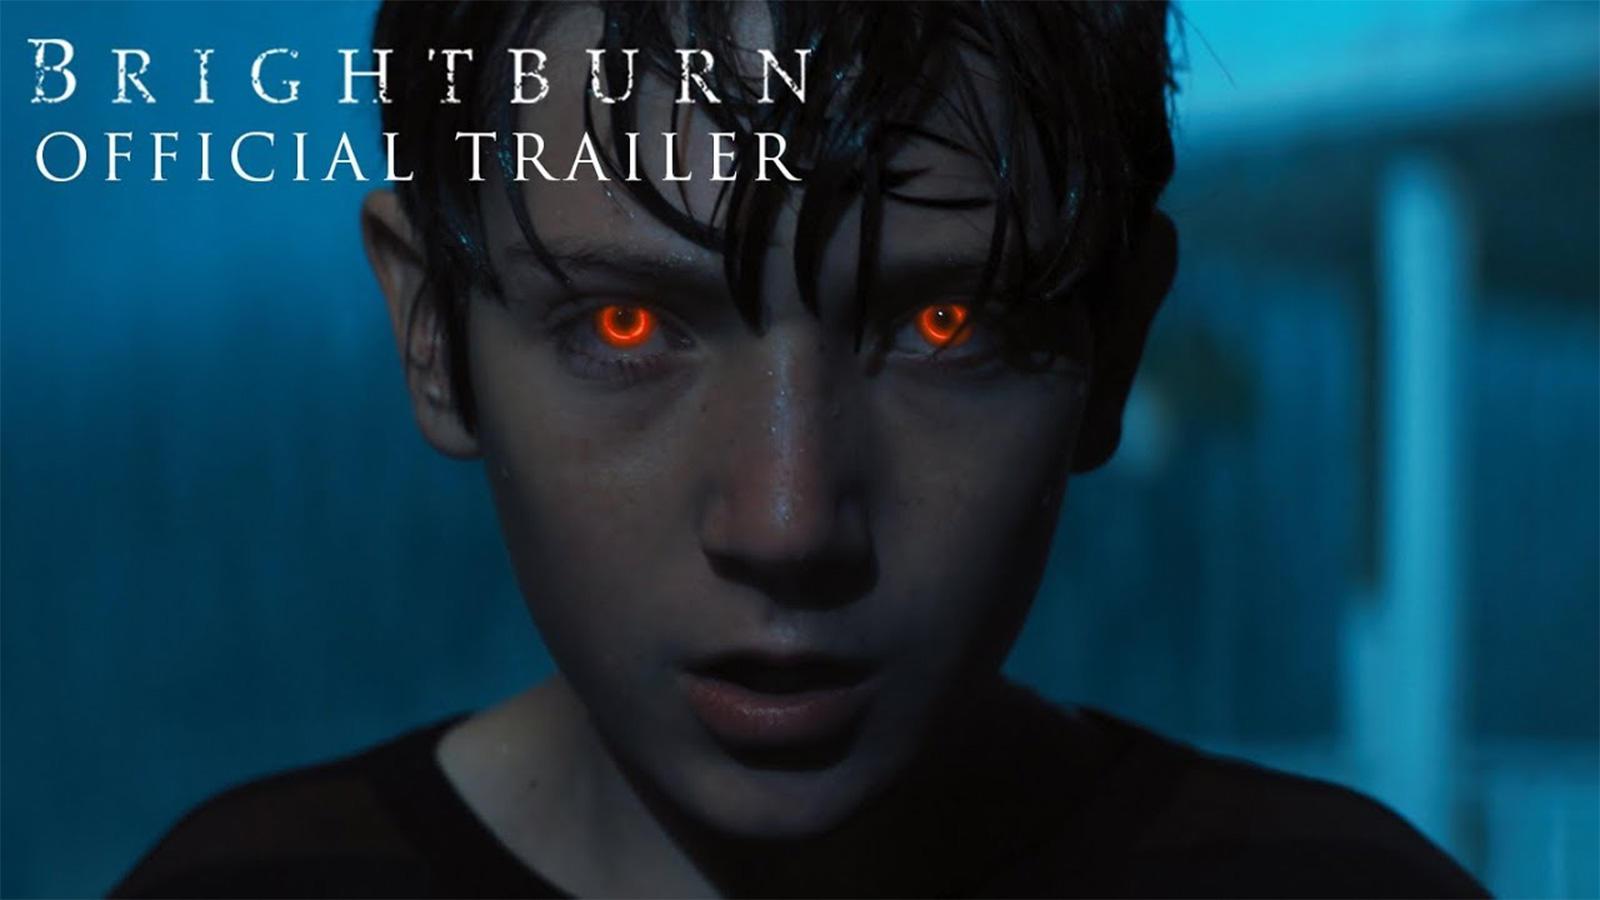 Brightburn - Official Trailer